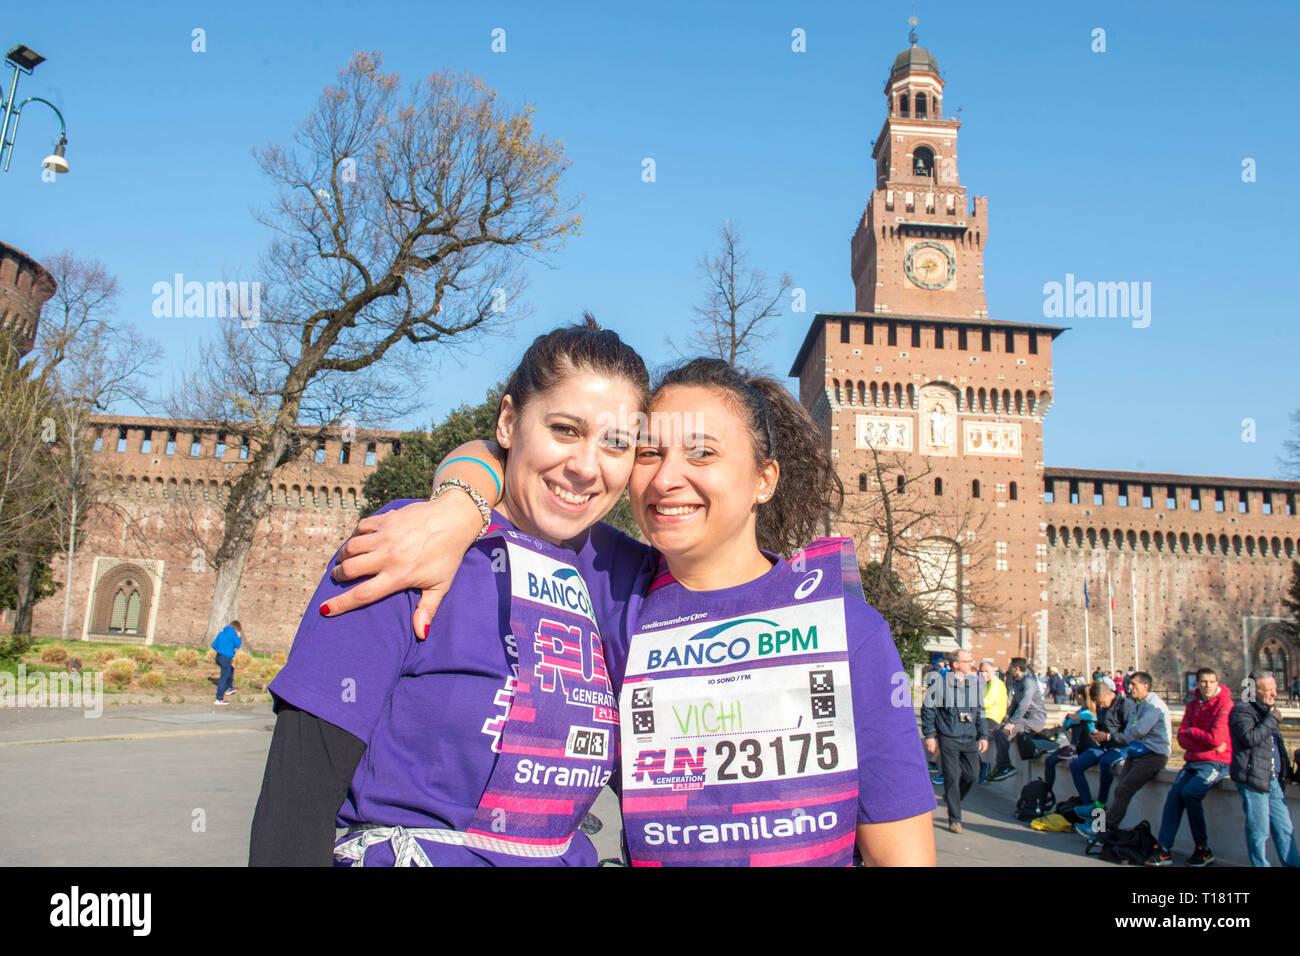 Foto Carlo Cozzoli - LaPresse 24-03-19 Milano ( Italia ) Cronaca StraMilano 2019 partenza Castello Stock Photo